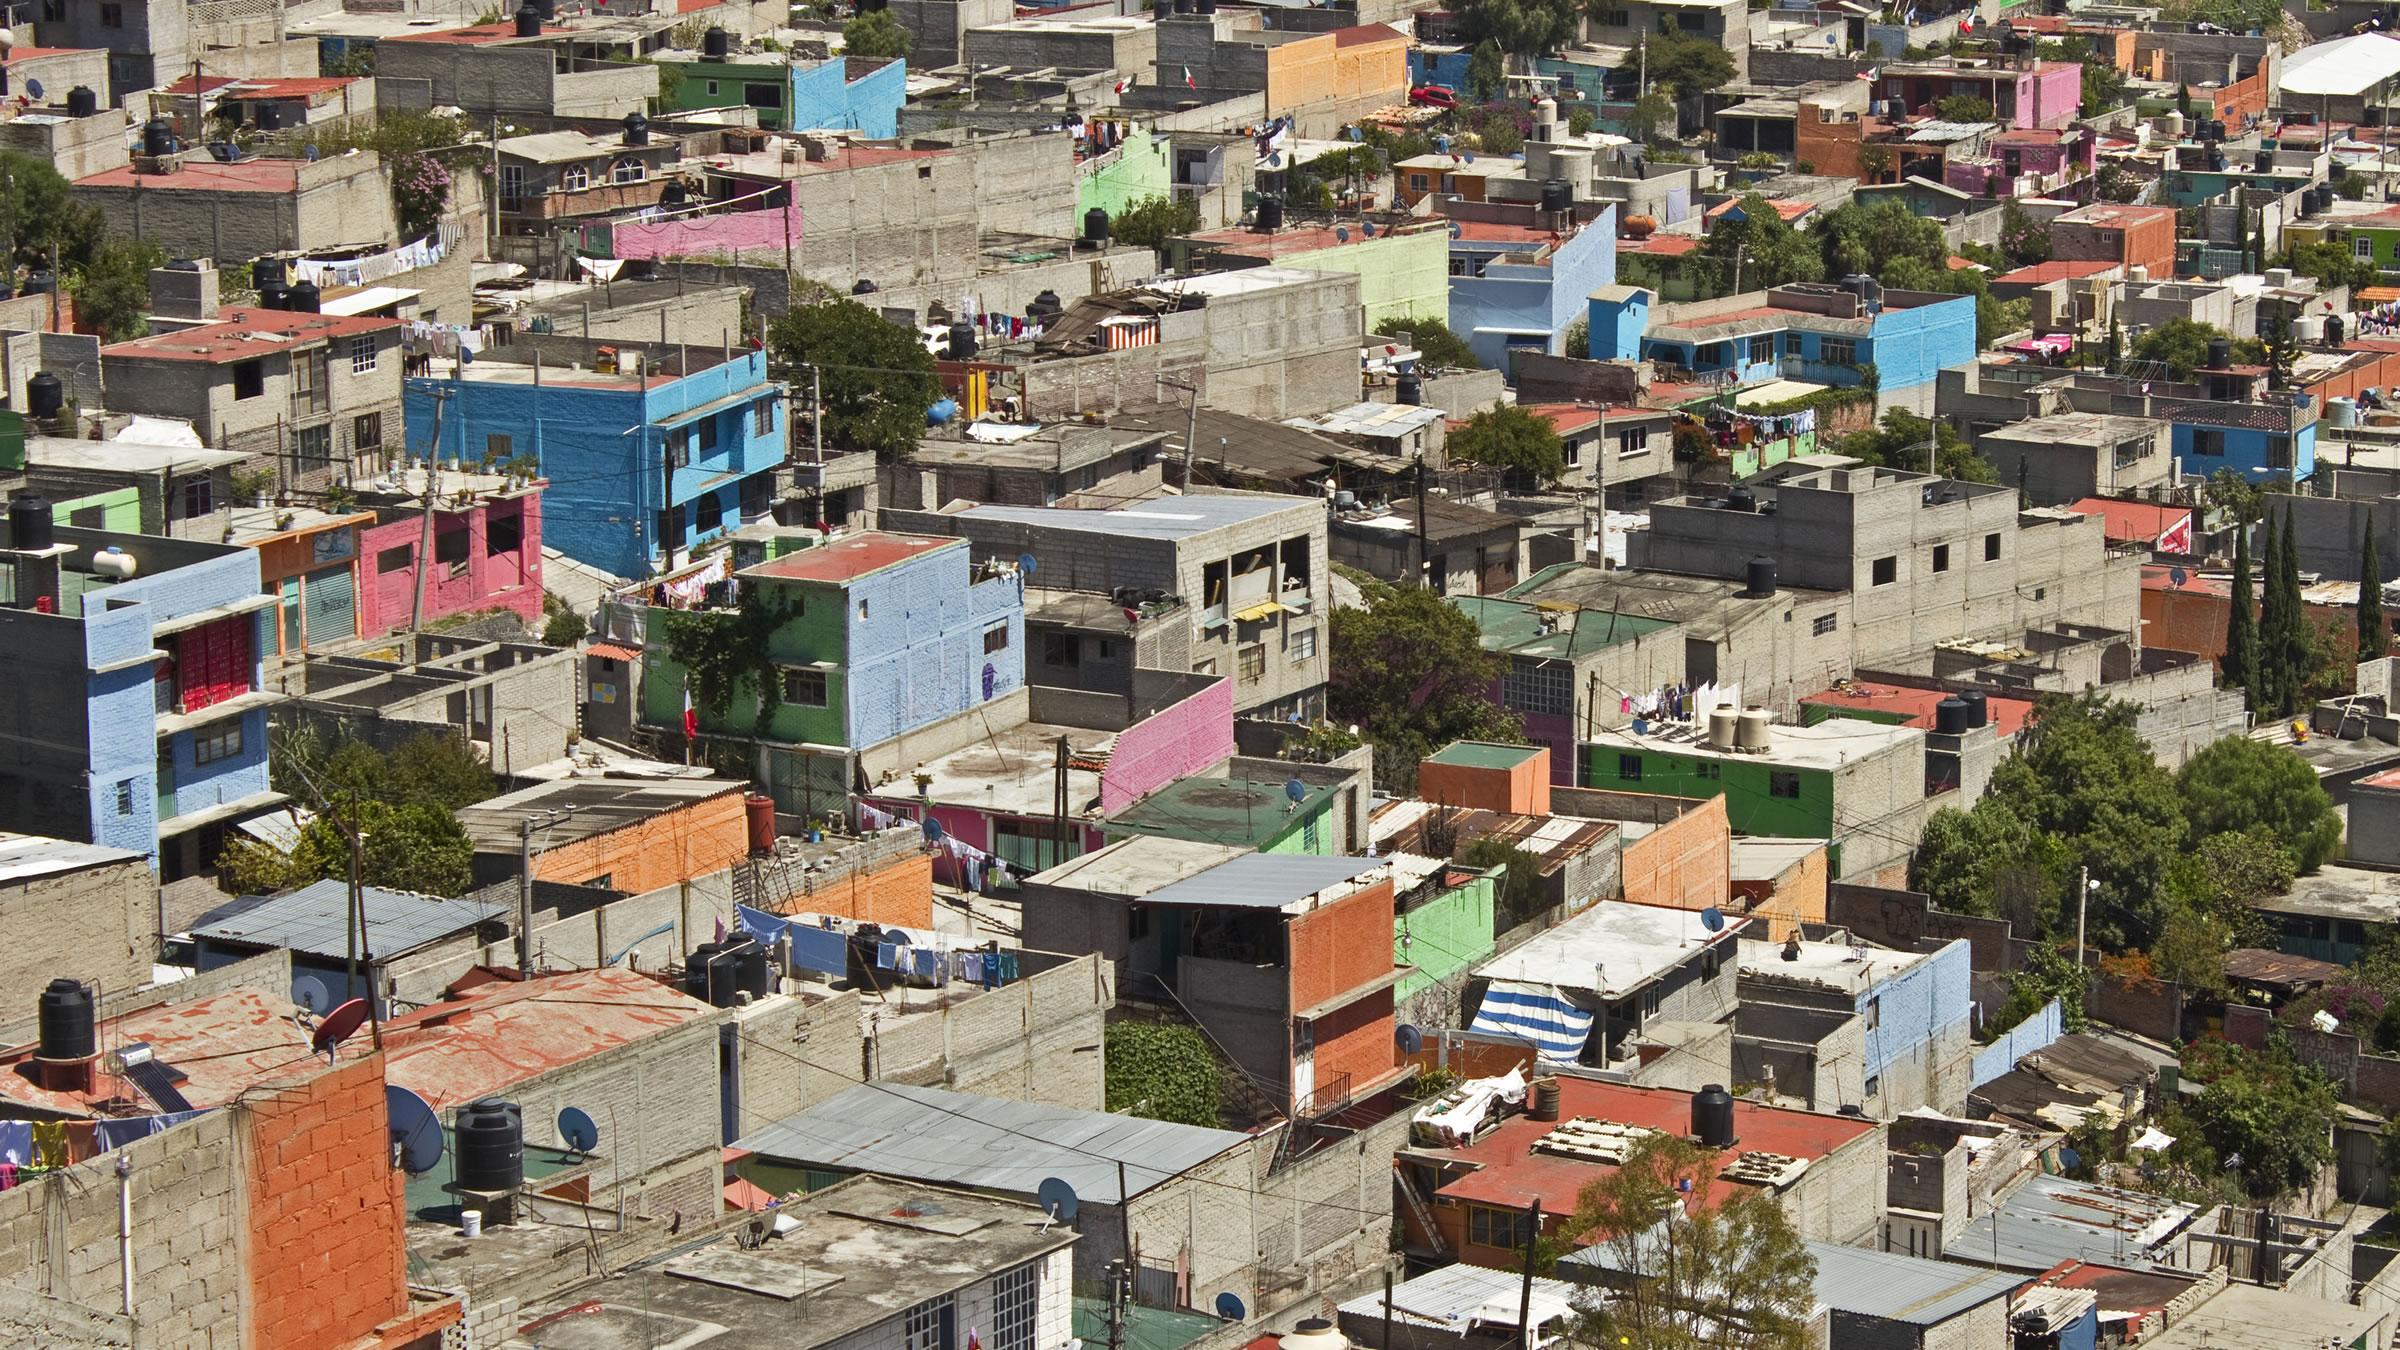 Por pandemia prevén aumento de pobreza extrema en México, alerta UNODC